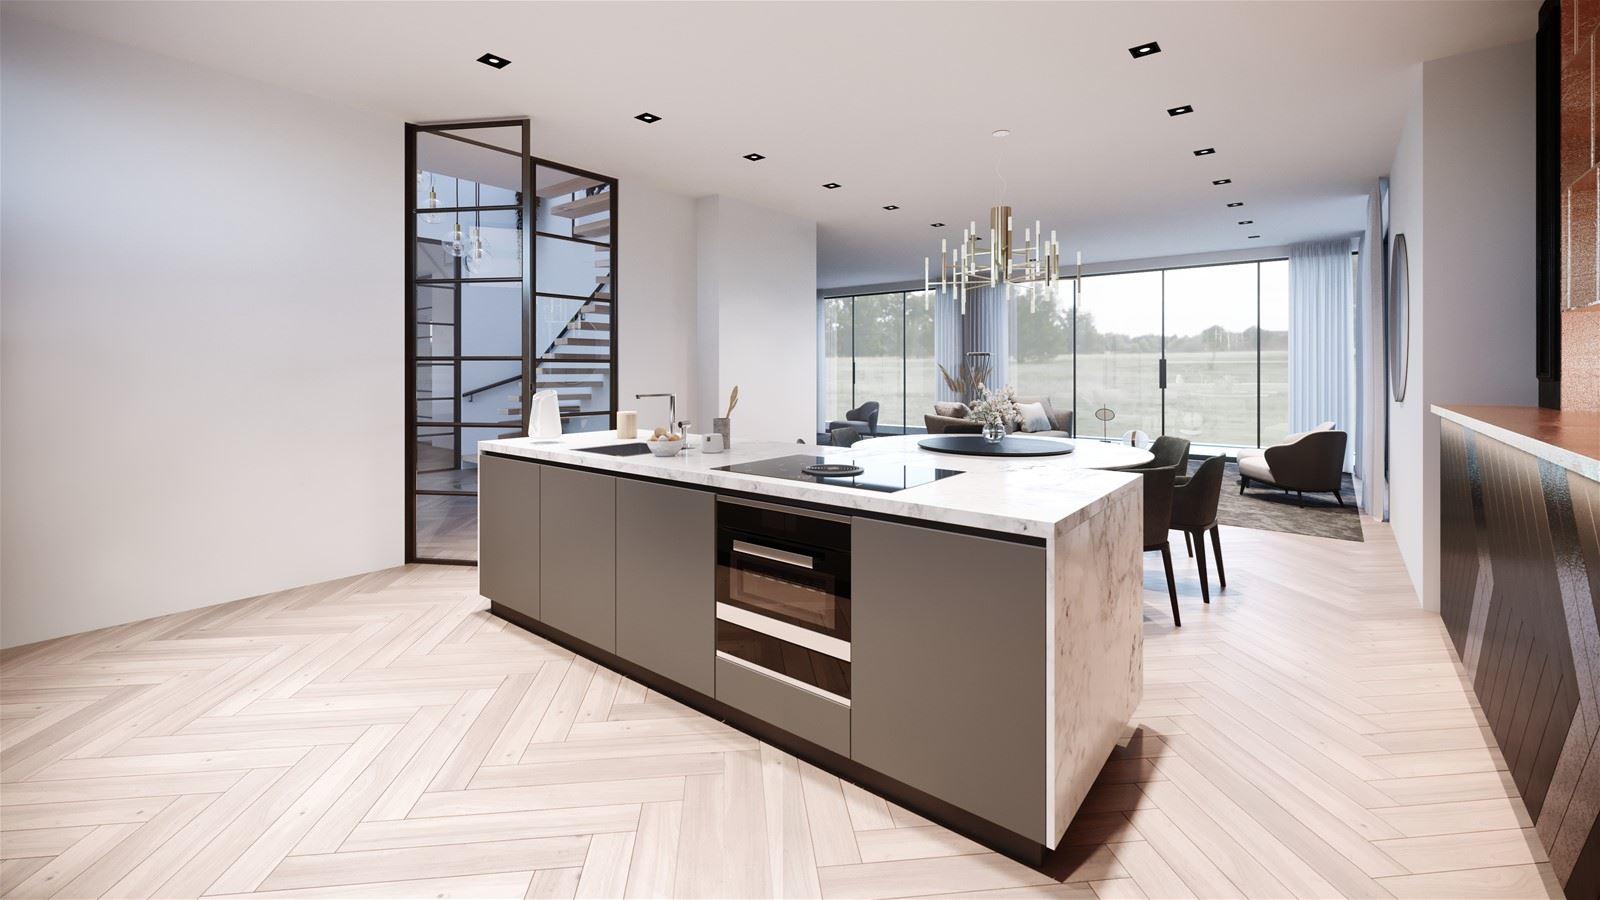 luxe moderne keuken met kookeiland